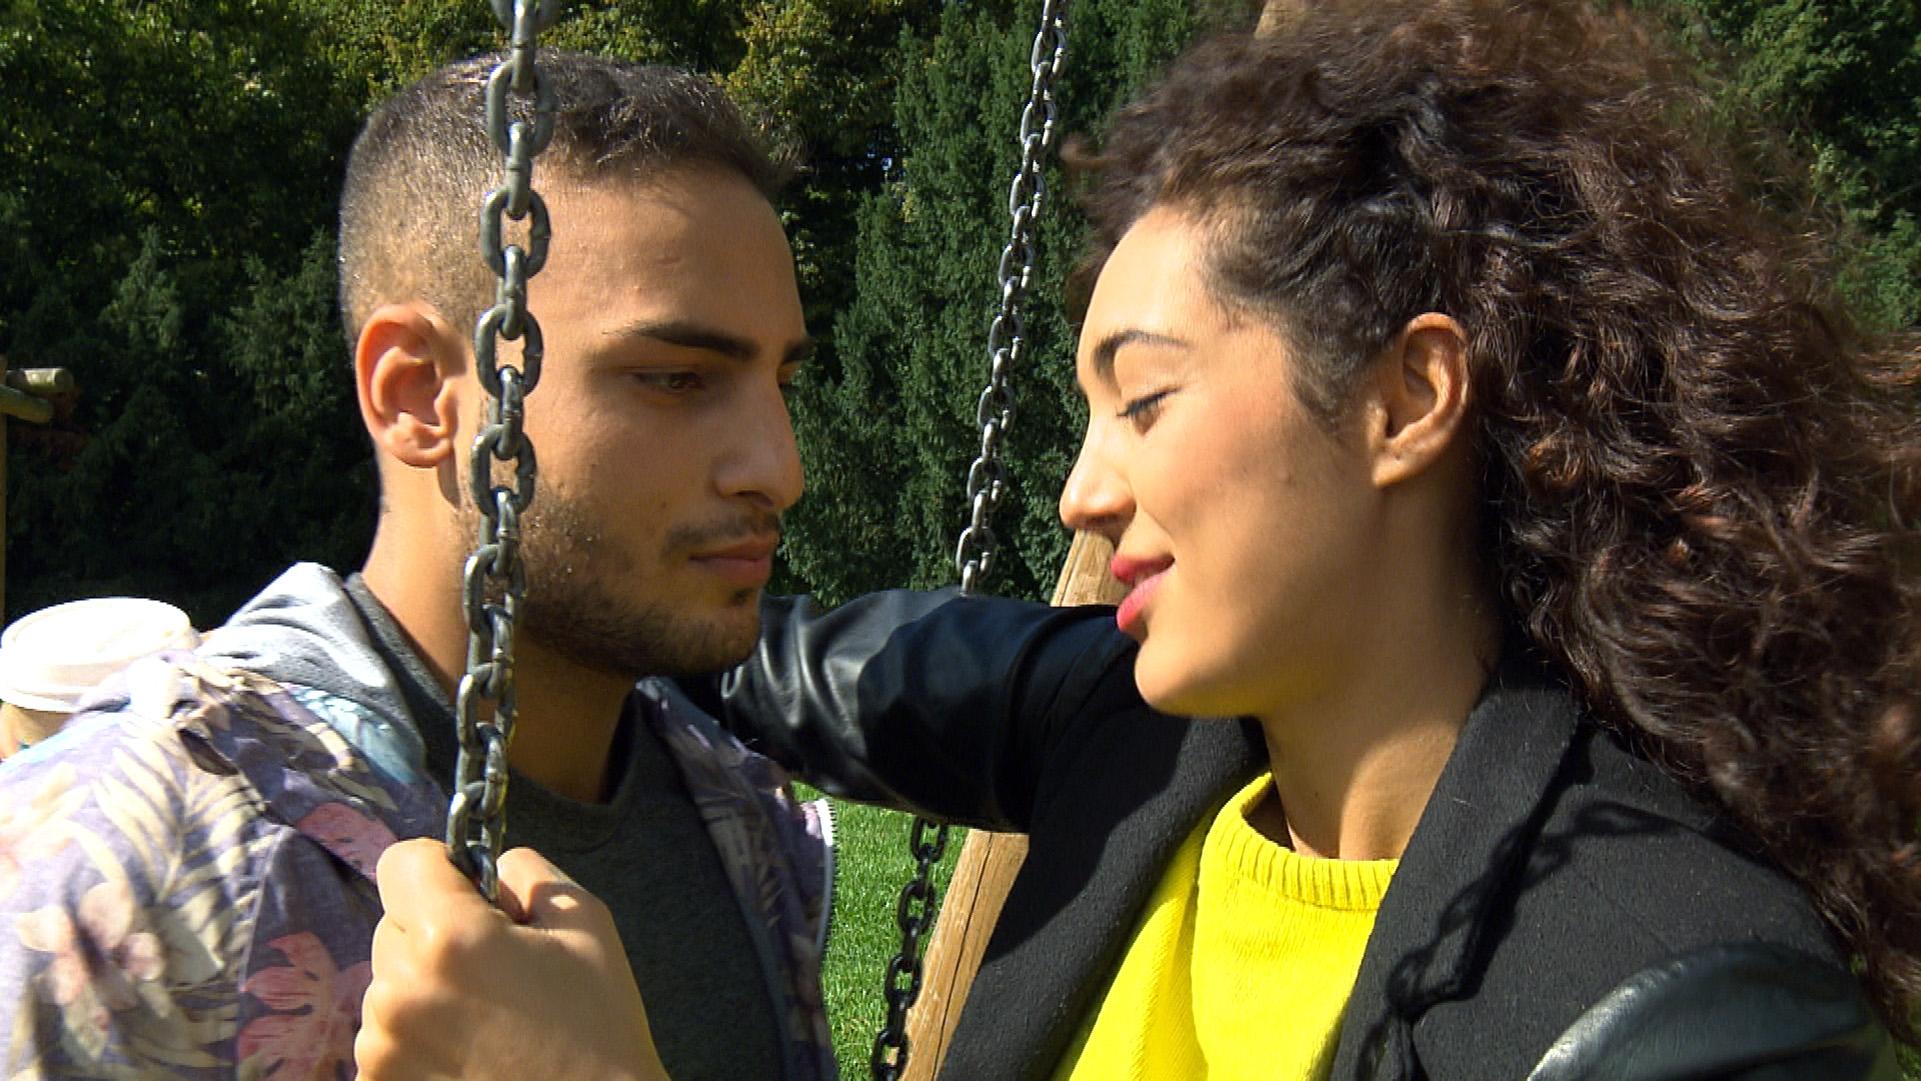 Gerade als Cem kurz davor ist, Joleen die Wahrheit zu sagen, überrascht sie ihn mit einer Liebeserklärung. (Quelle: RTL 2)